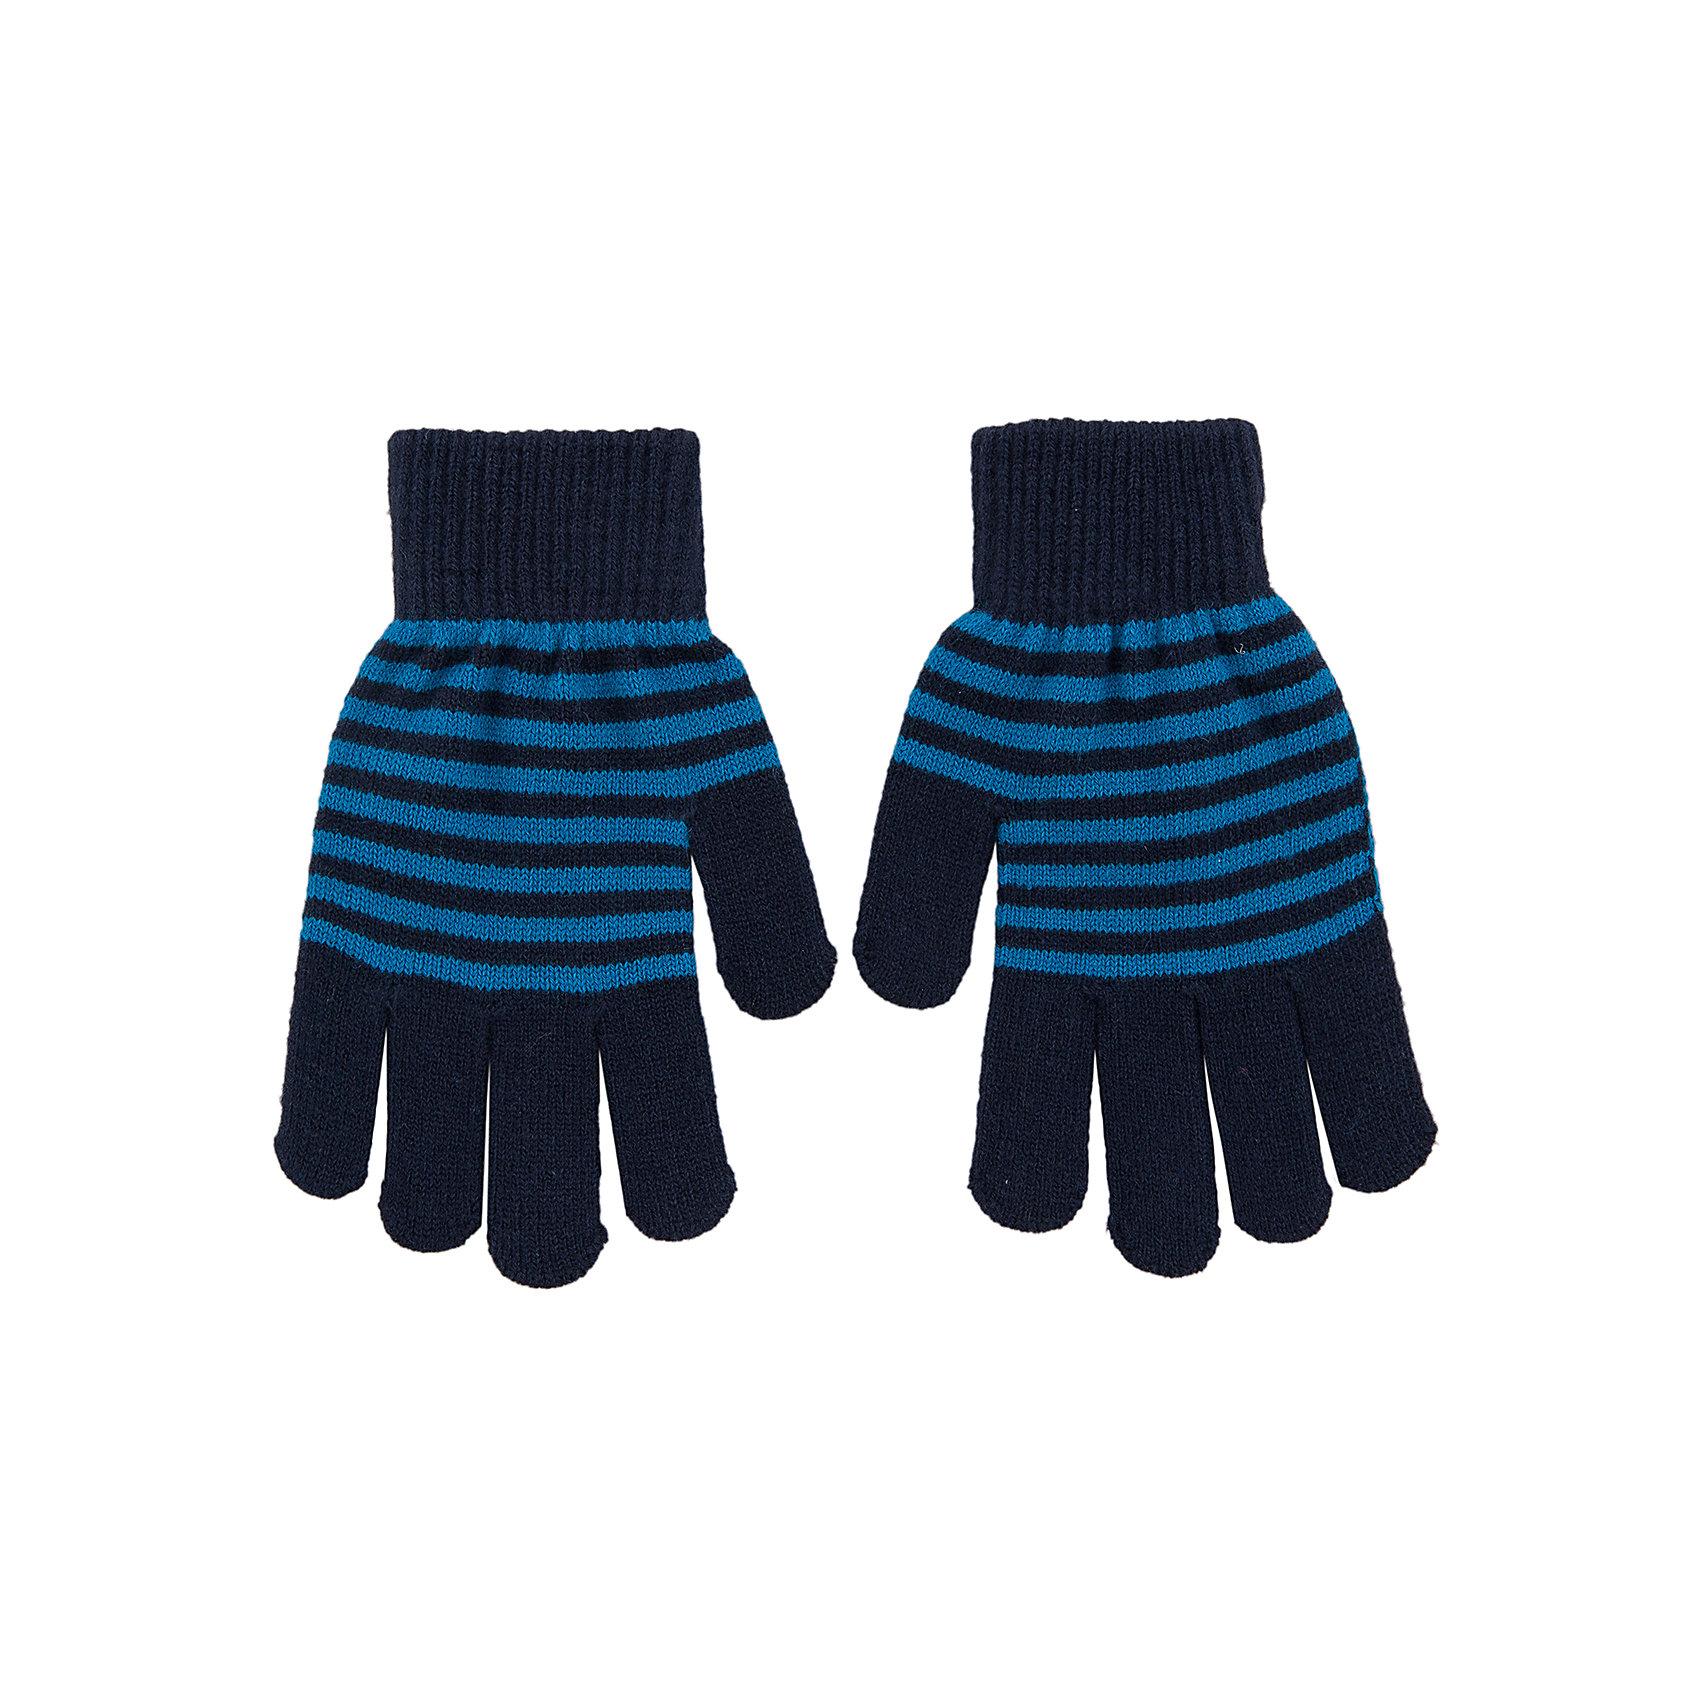 Перчатки для мальчика SELAУдобные теплые перчатки - незаменимая вещь в прохладное время года. Эта модель отлично сидит на ребенке, она сделана из плотного материала, позволяет гулять с комфортом на свежем воздухе зимой. Качественная пряжа не вызывает аллергии и обеспечивает ребенку комфорт. Модель будет уместна в различных сочетаниях.<br>Одежда от бренда Sela (Села) - это качество по приемлемым ценам. Многие российские родители уже оценили преимущества продукции этой компании и всё чаще приобретают одежду и аксессуары Sela.<br><br>Дополнительная информация:<br><br>цвет: синий;<br>материал: 85% акрил, 15% шерсть;<br>вязаный узор.<br><br>Перчатки для мальчика от бренда Sela можно купить в нашем интернет-магазине.<br><br>Ширина мм: 162<br>Глубина мм: 171<br>Высота мм: 55<br>Вес г: 119<br>Цвет: синий<br>Возраст от месяцев: 96<br>Возраст до месяцев: 120<br>Пол: Мужской<br>Возраст: Детский<br>Размер: 16,18<br>SKU: 4943977